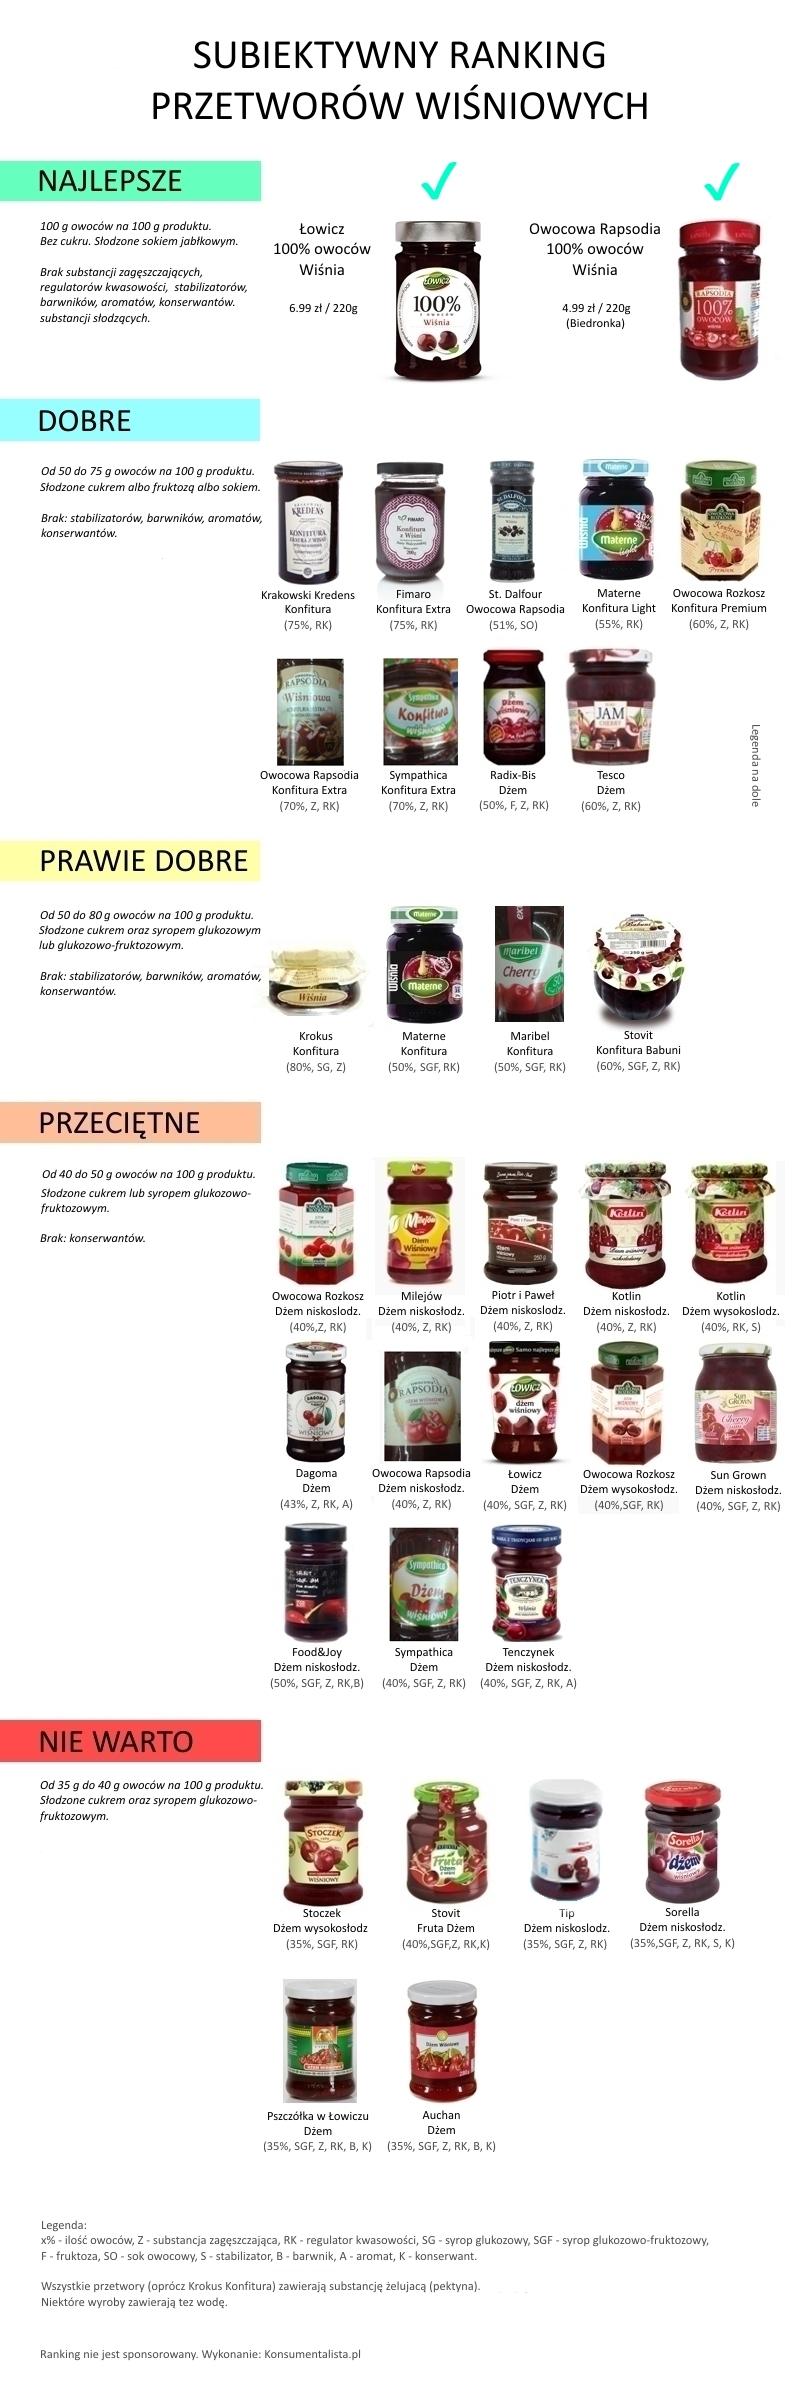 Ranking przetworów wiśniowych